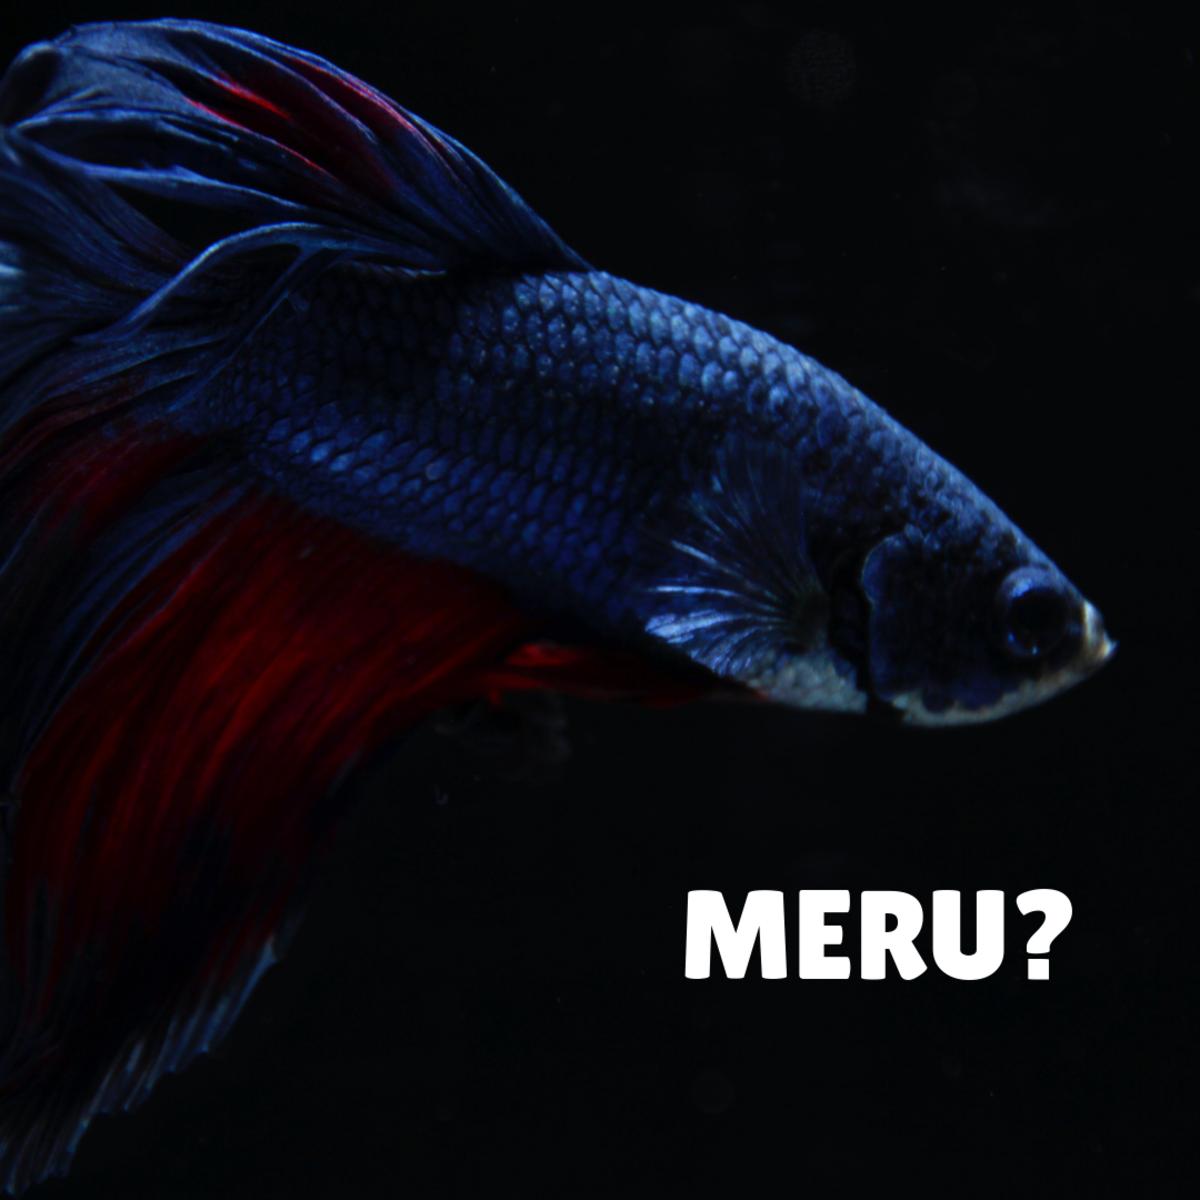 Is your betta fish a Meru?